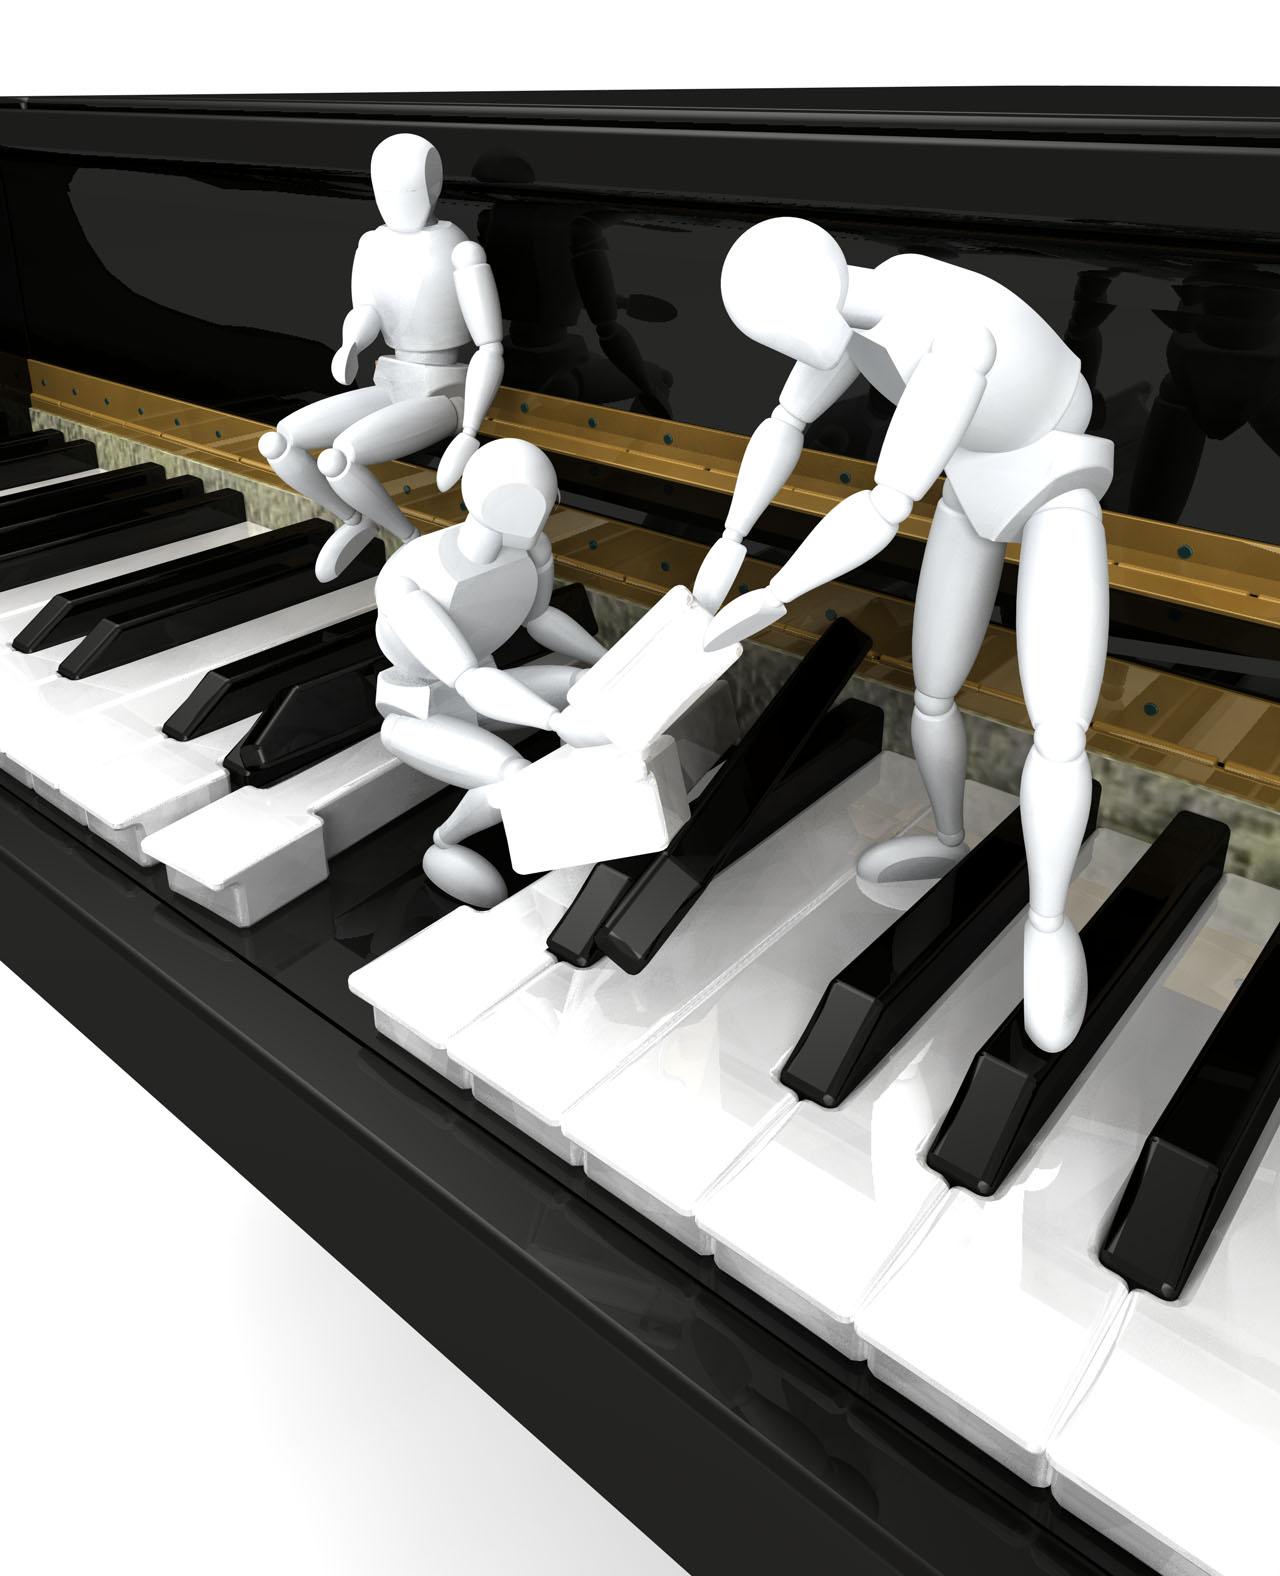 klavirren02